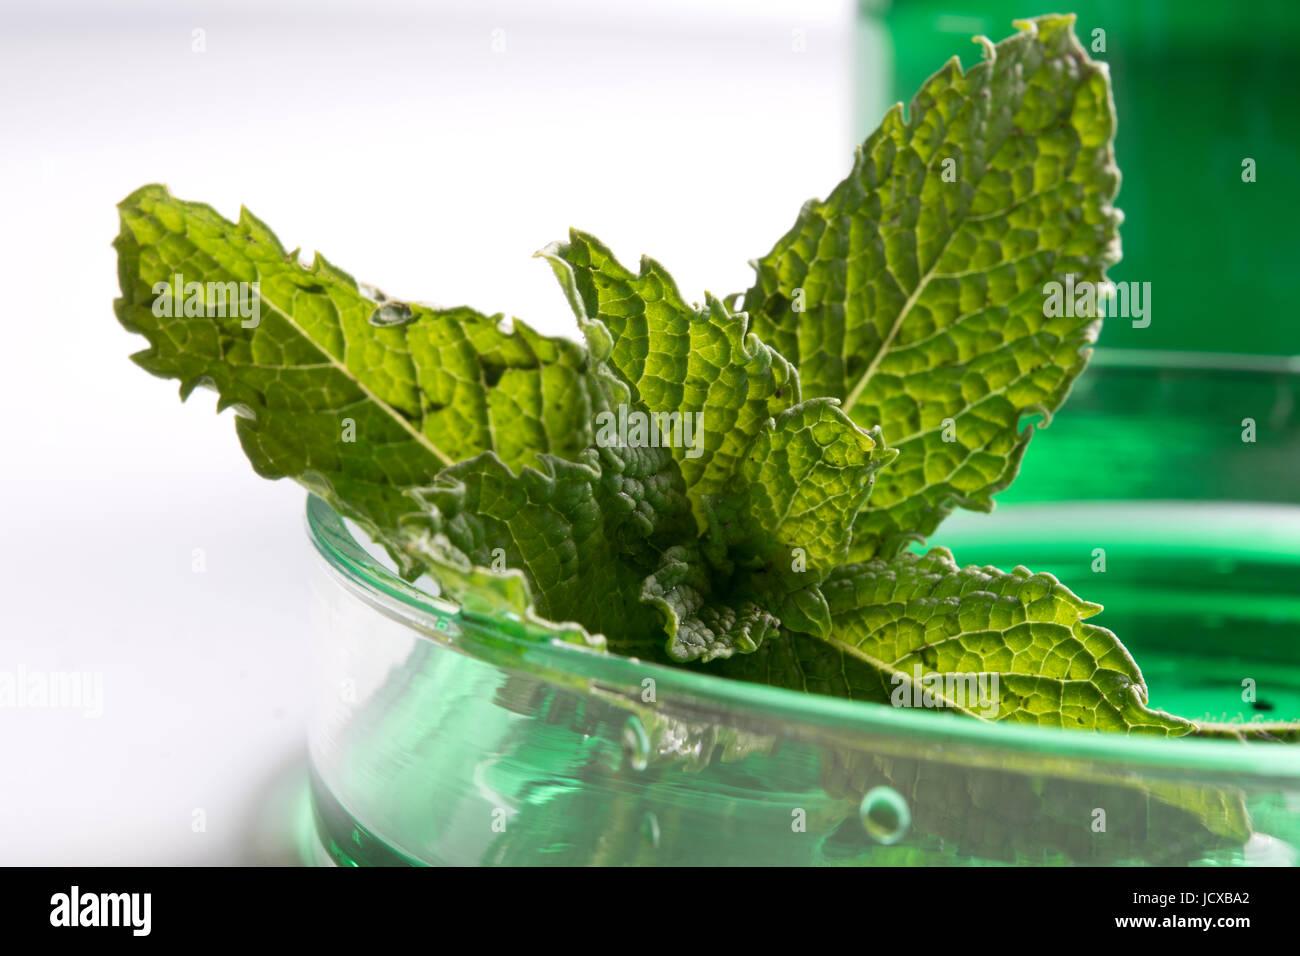 Plant pathology - Stock Image